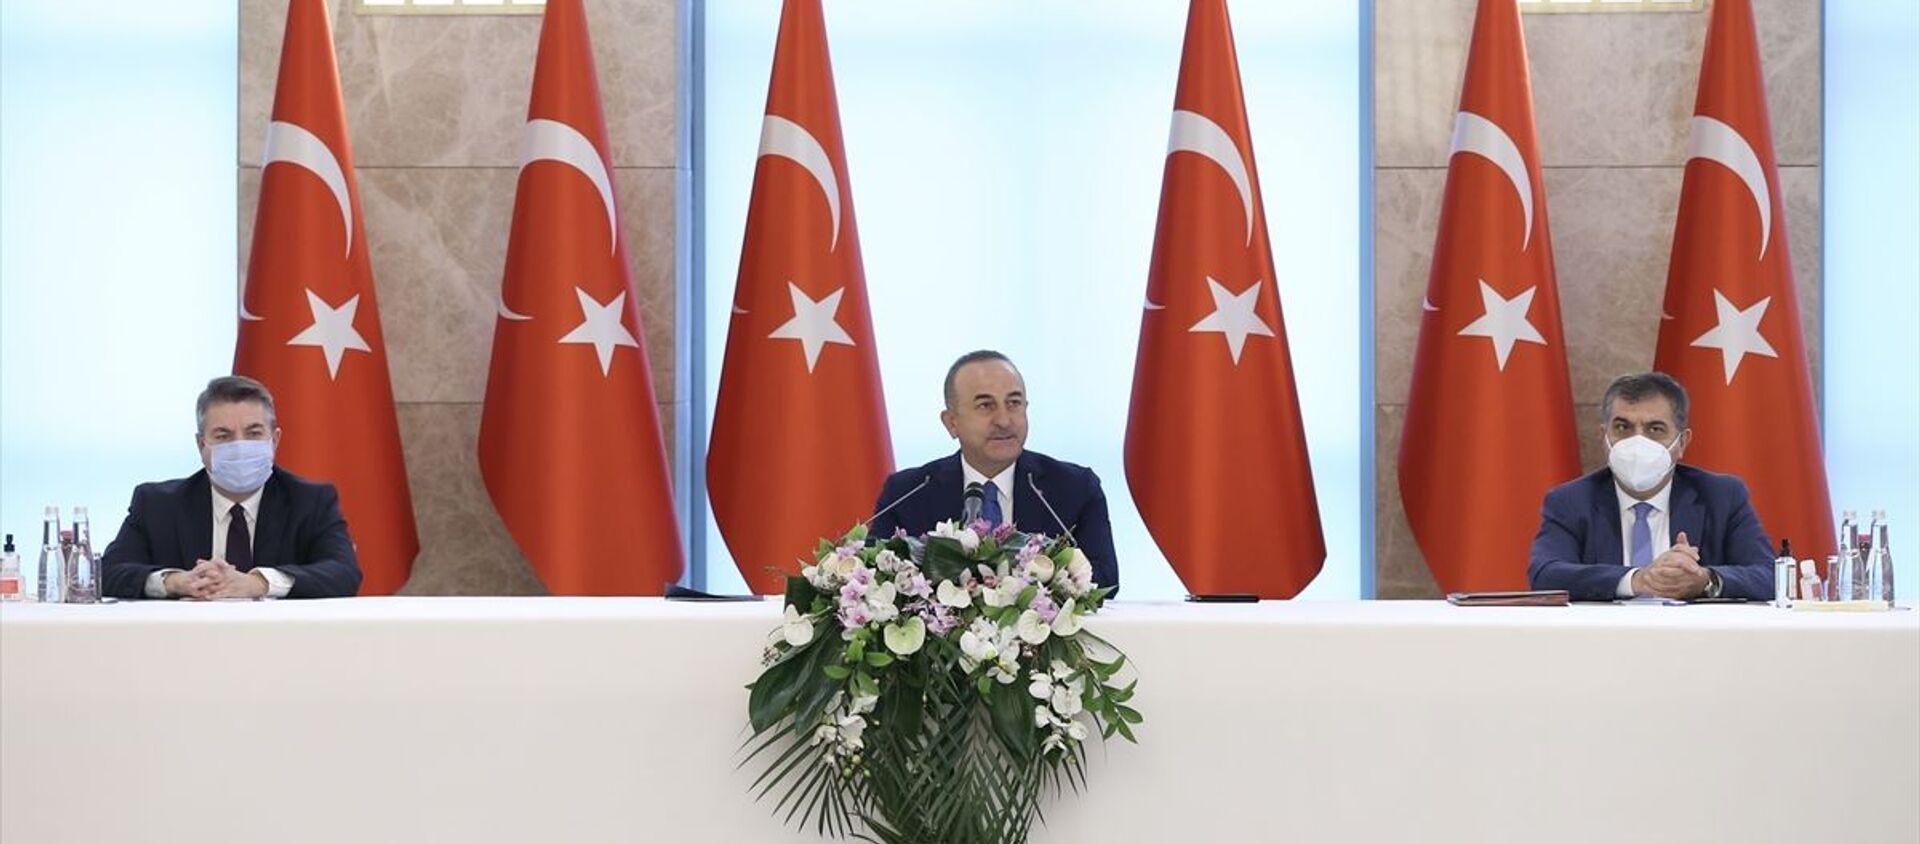 Mevlüt Çavuşoğlu - Sputnik Türkiye, 1920, 15.02.2021